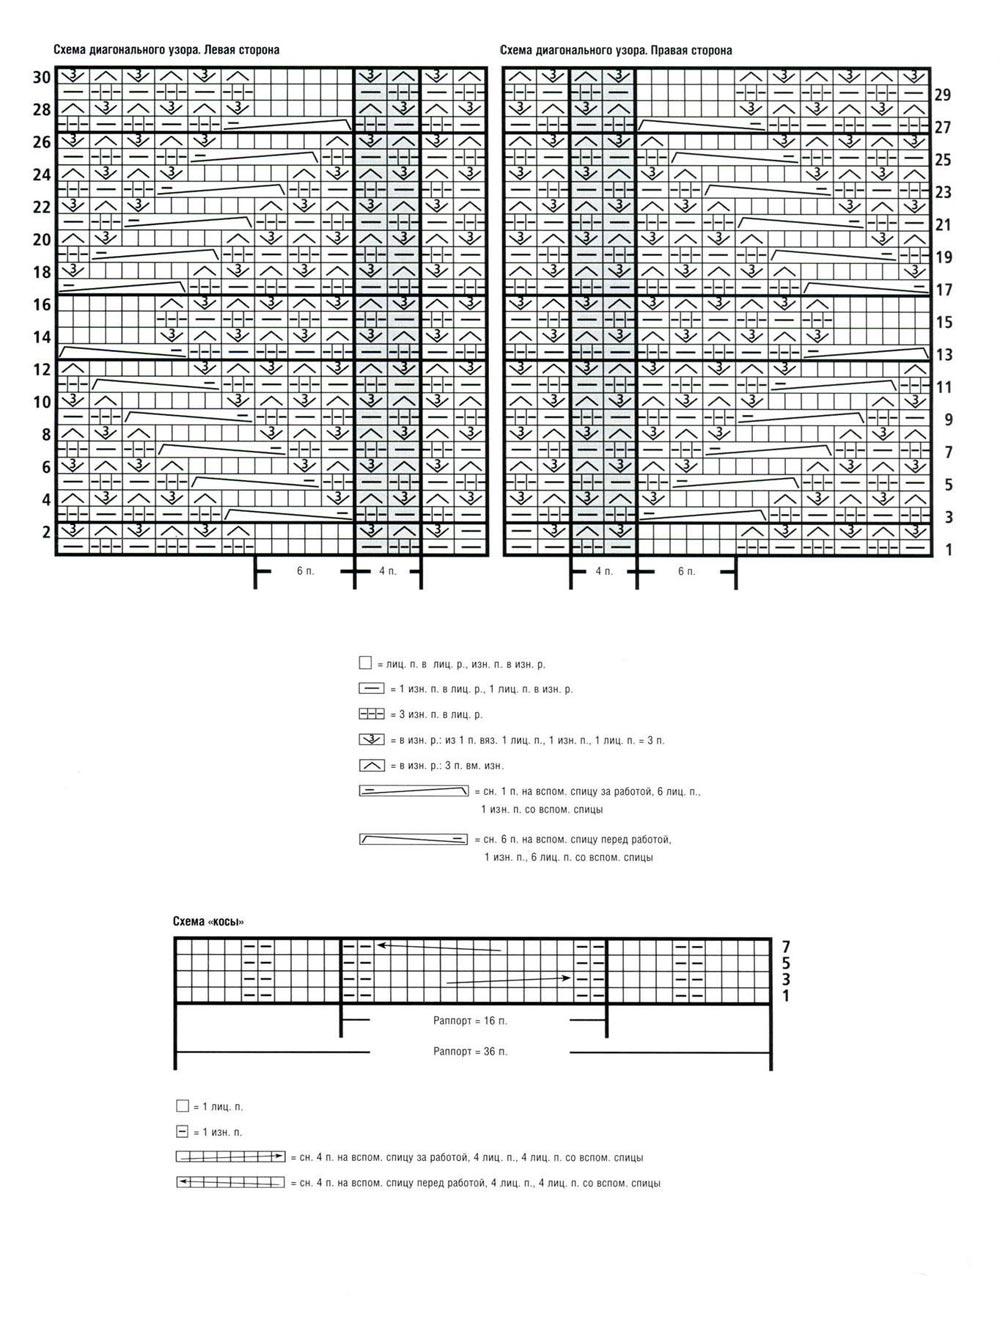 10a5765d5f7e[1]